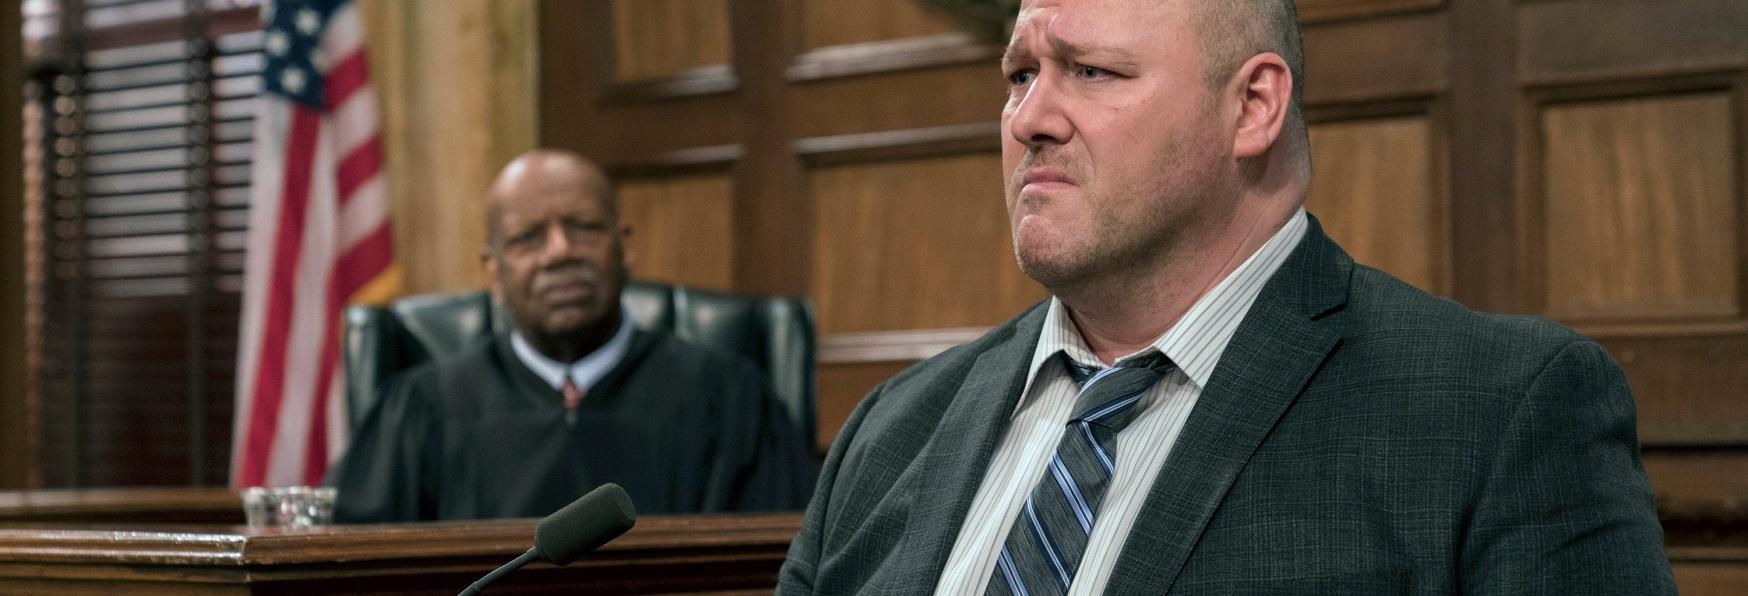 Law & Order: Hate Crimes potrebbe essere disponibile solo sulla Piattaforma Peacock a causa del Forte Linguaggio